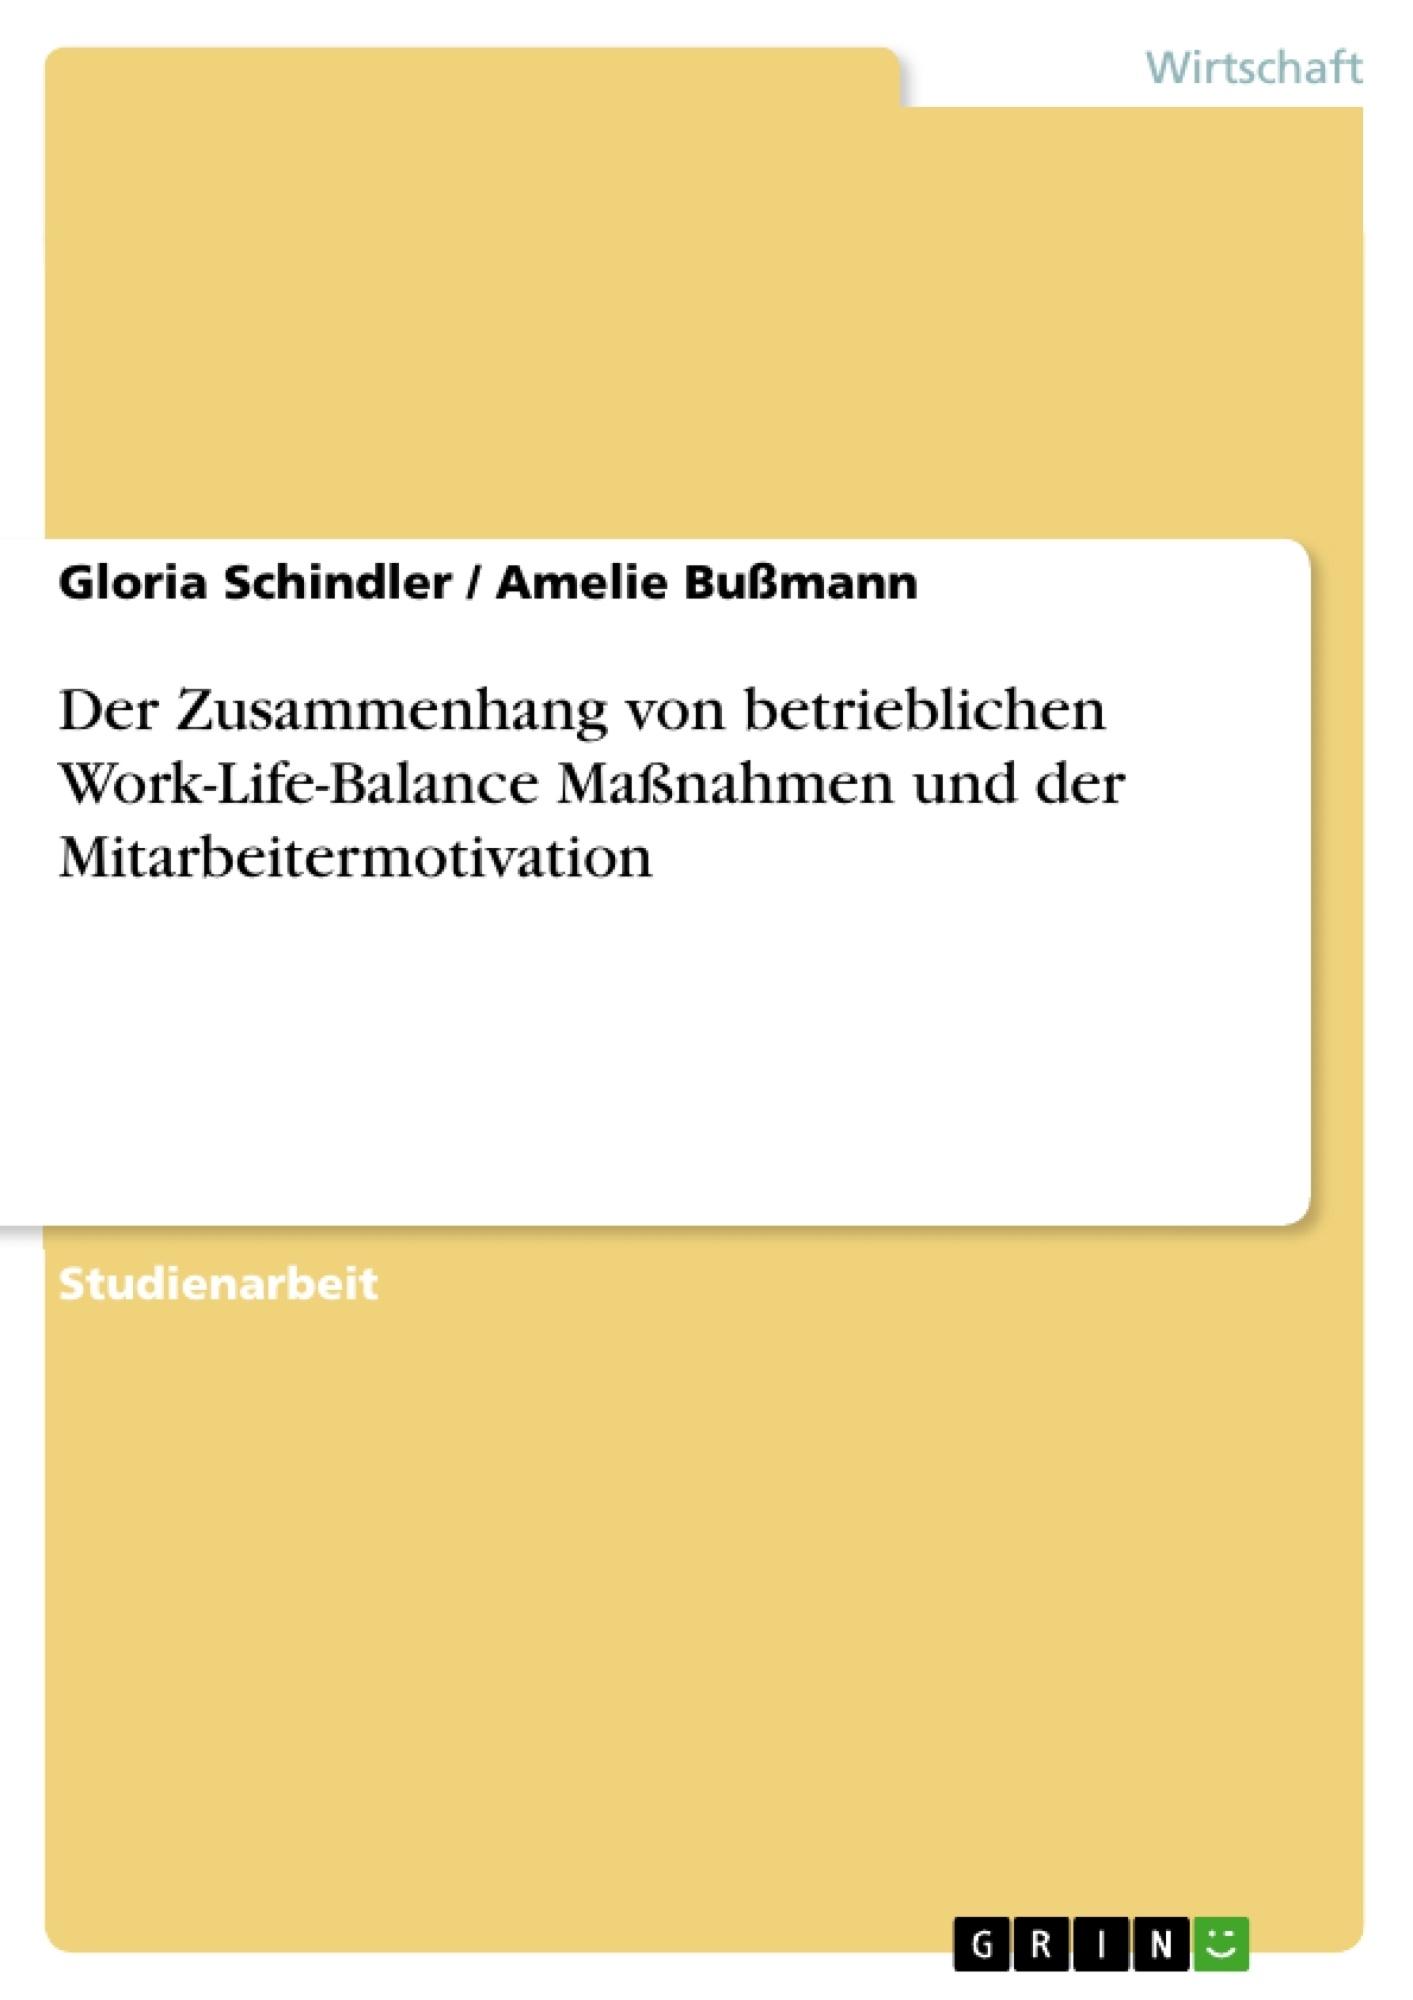 Titel: Der Zusammenhang von betrieblichen Work-Life-Balance Maßnahmen und der Mitarbeitermotivation